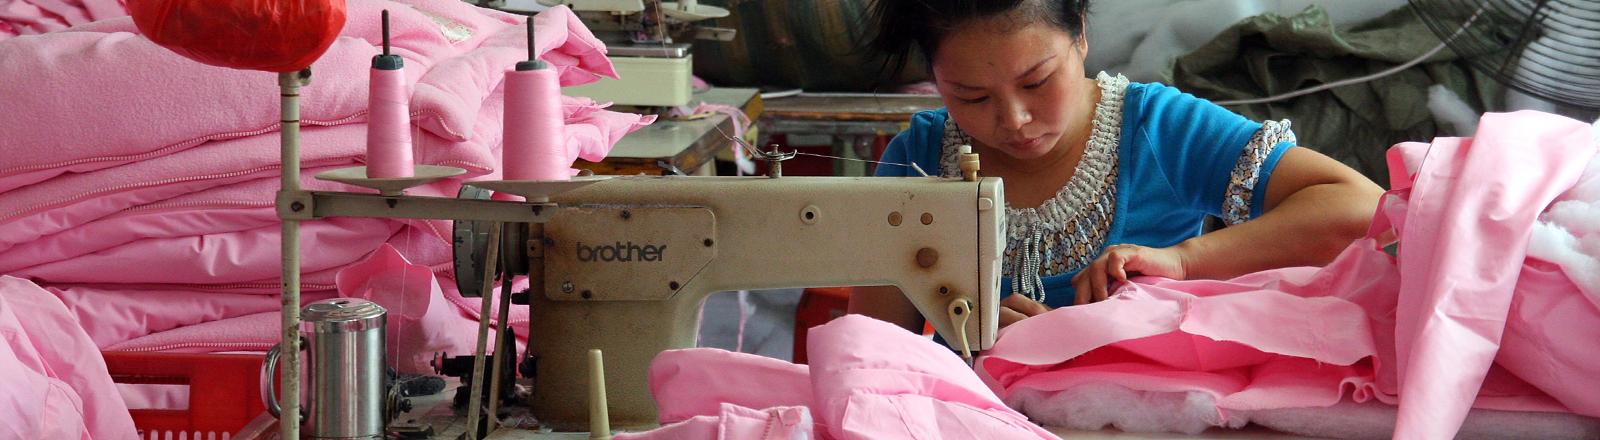 Chinesische Näherin umringt von rosa Stoff